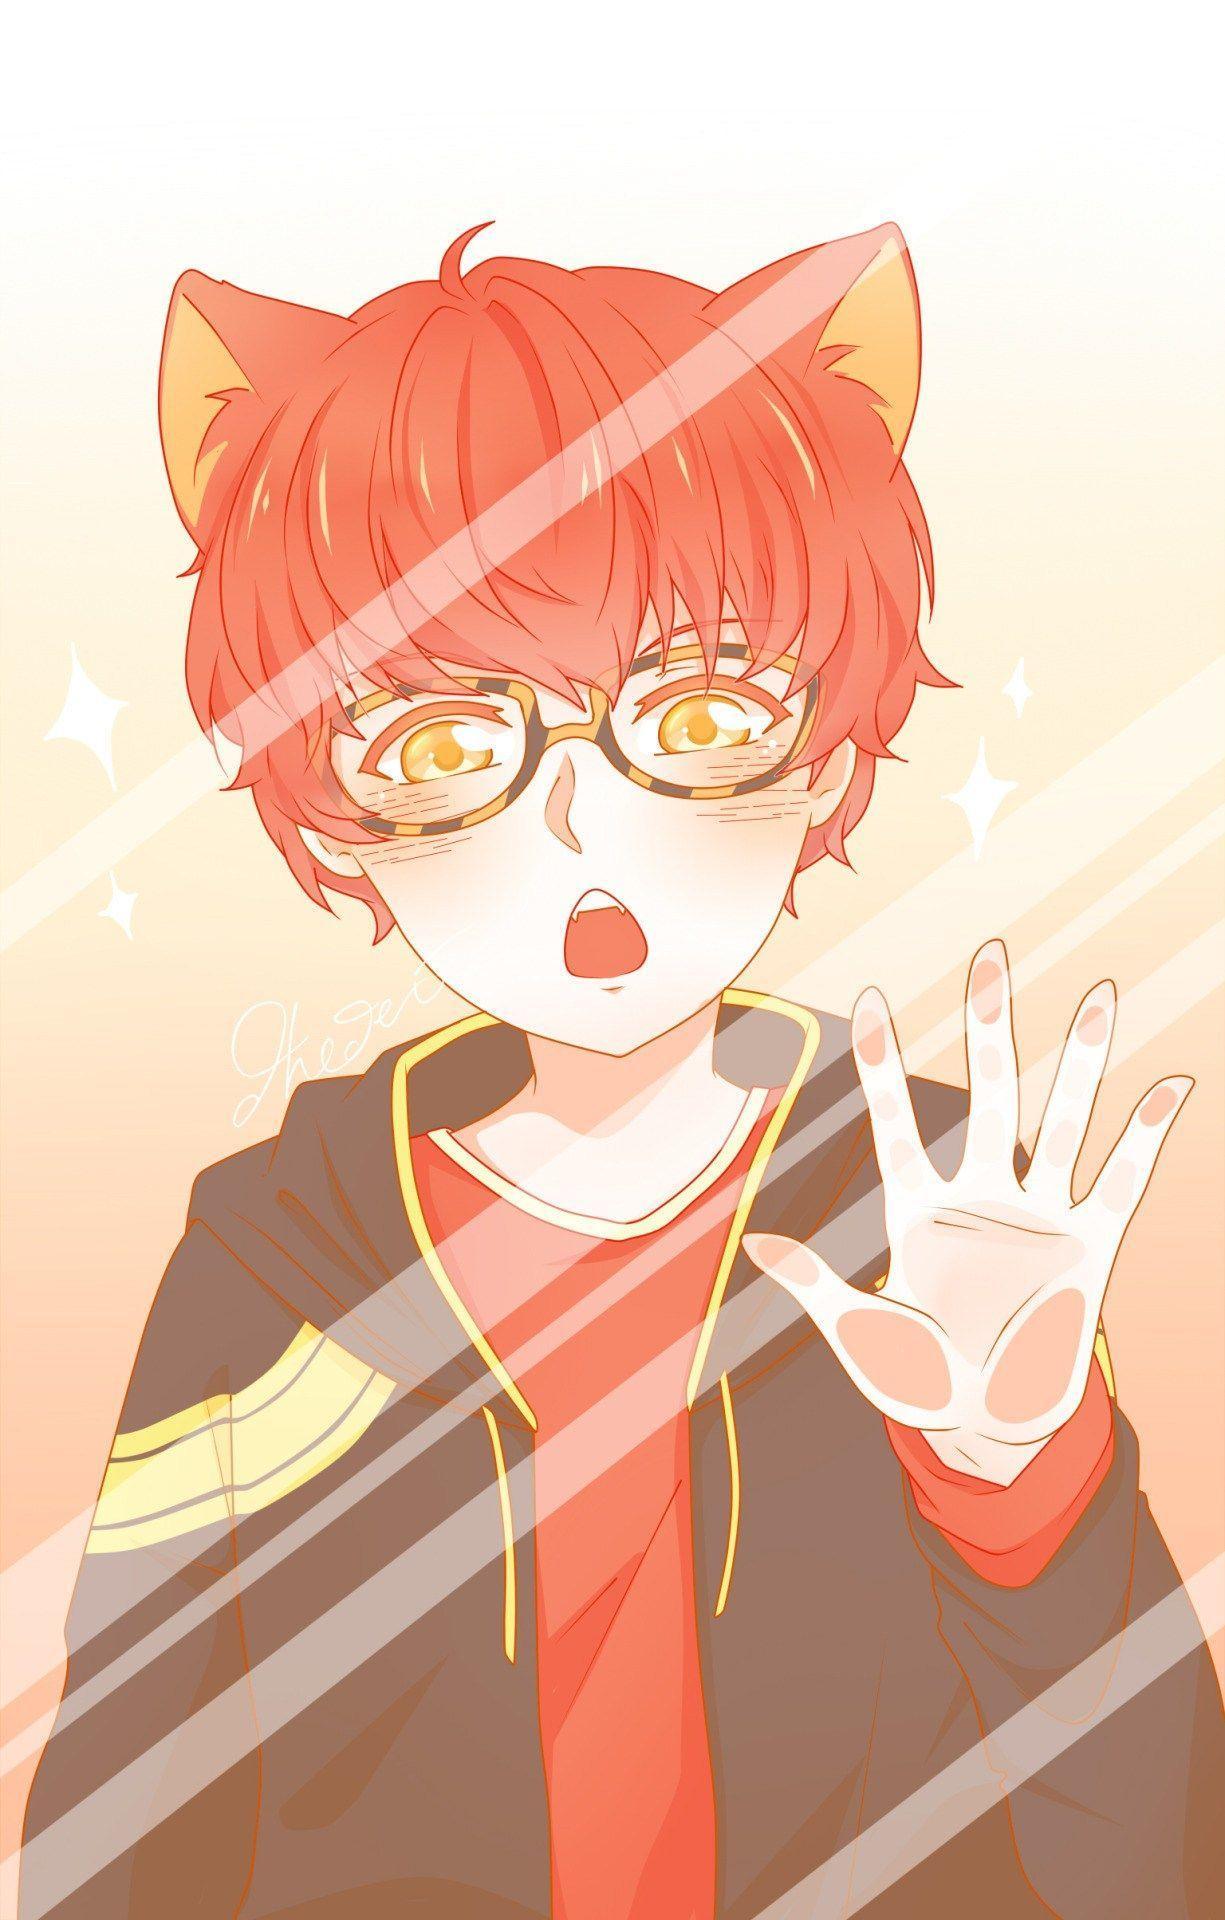 1225x1920 Aesthetic Anime Boy Hình nền